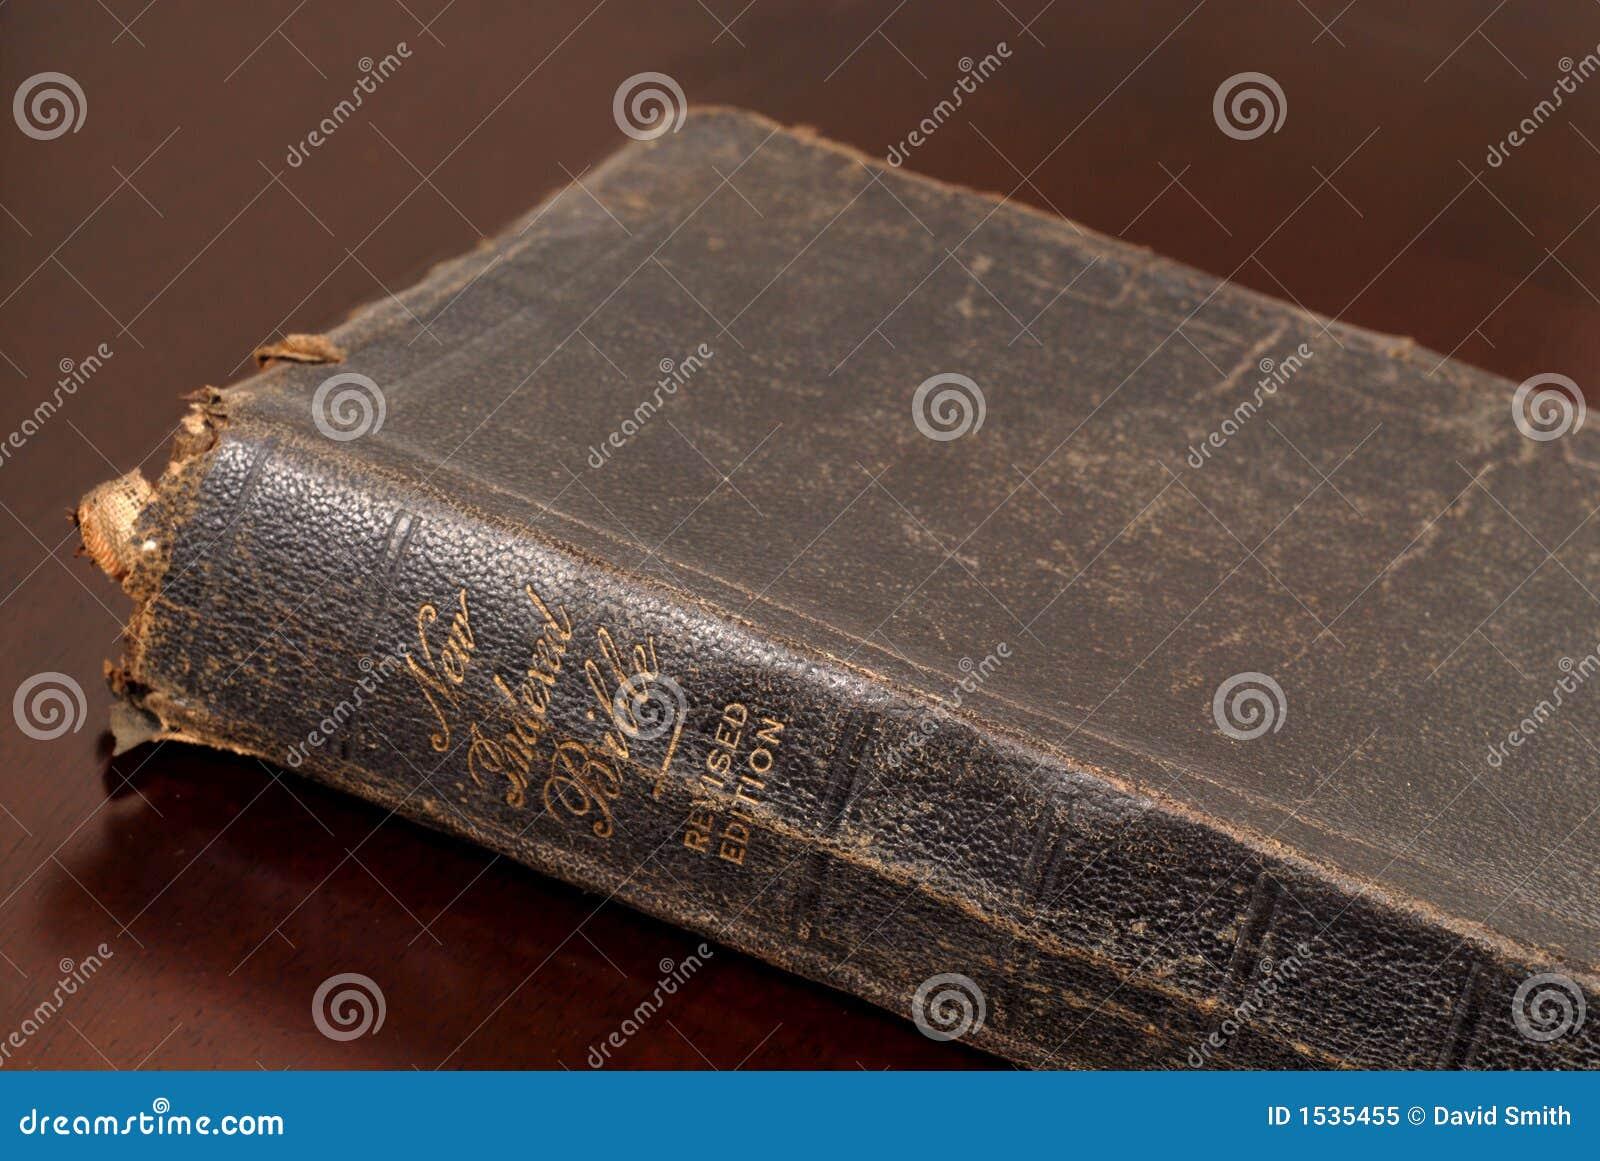 ο παλαιός στηργμένος πίνακας στενών συγγενών Βίβλων επάνω πολύ εμφανίζει